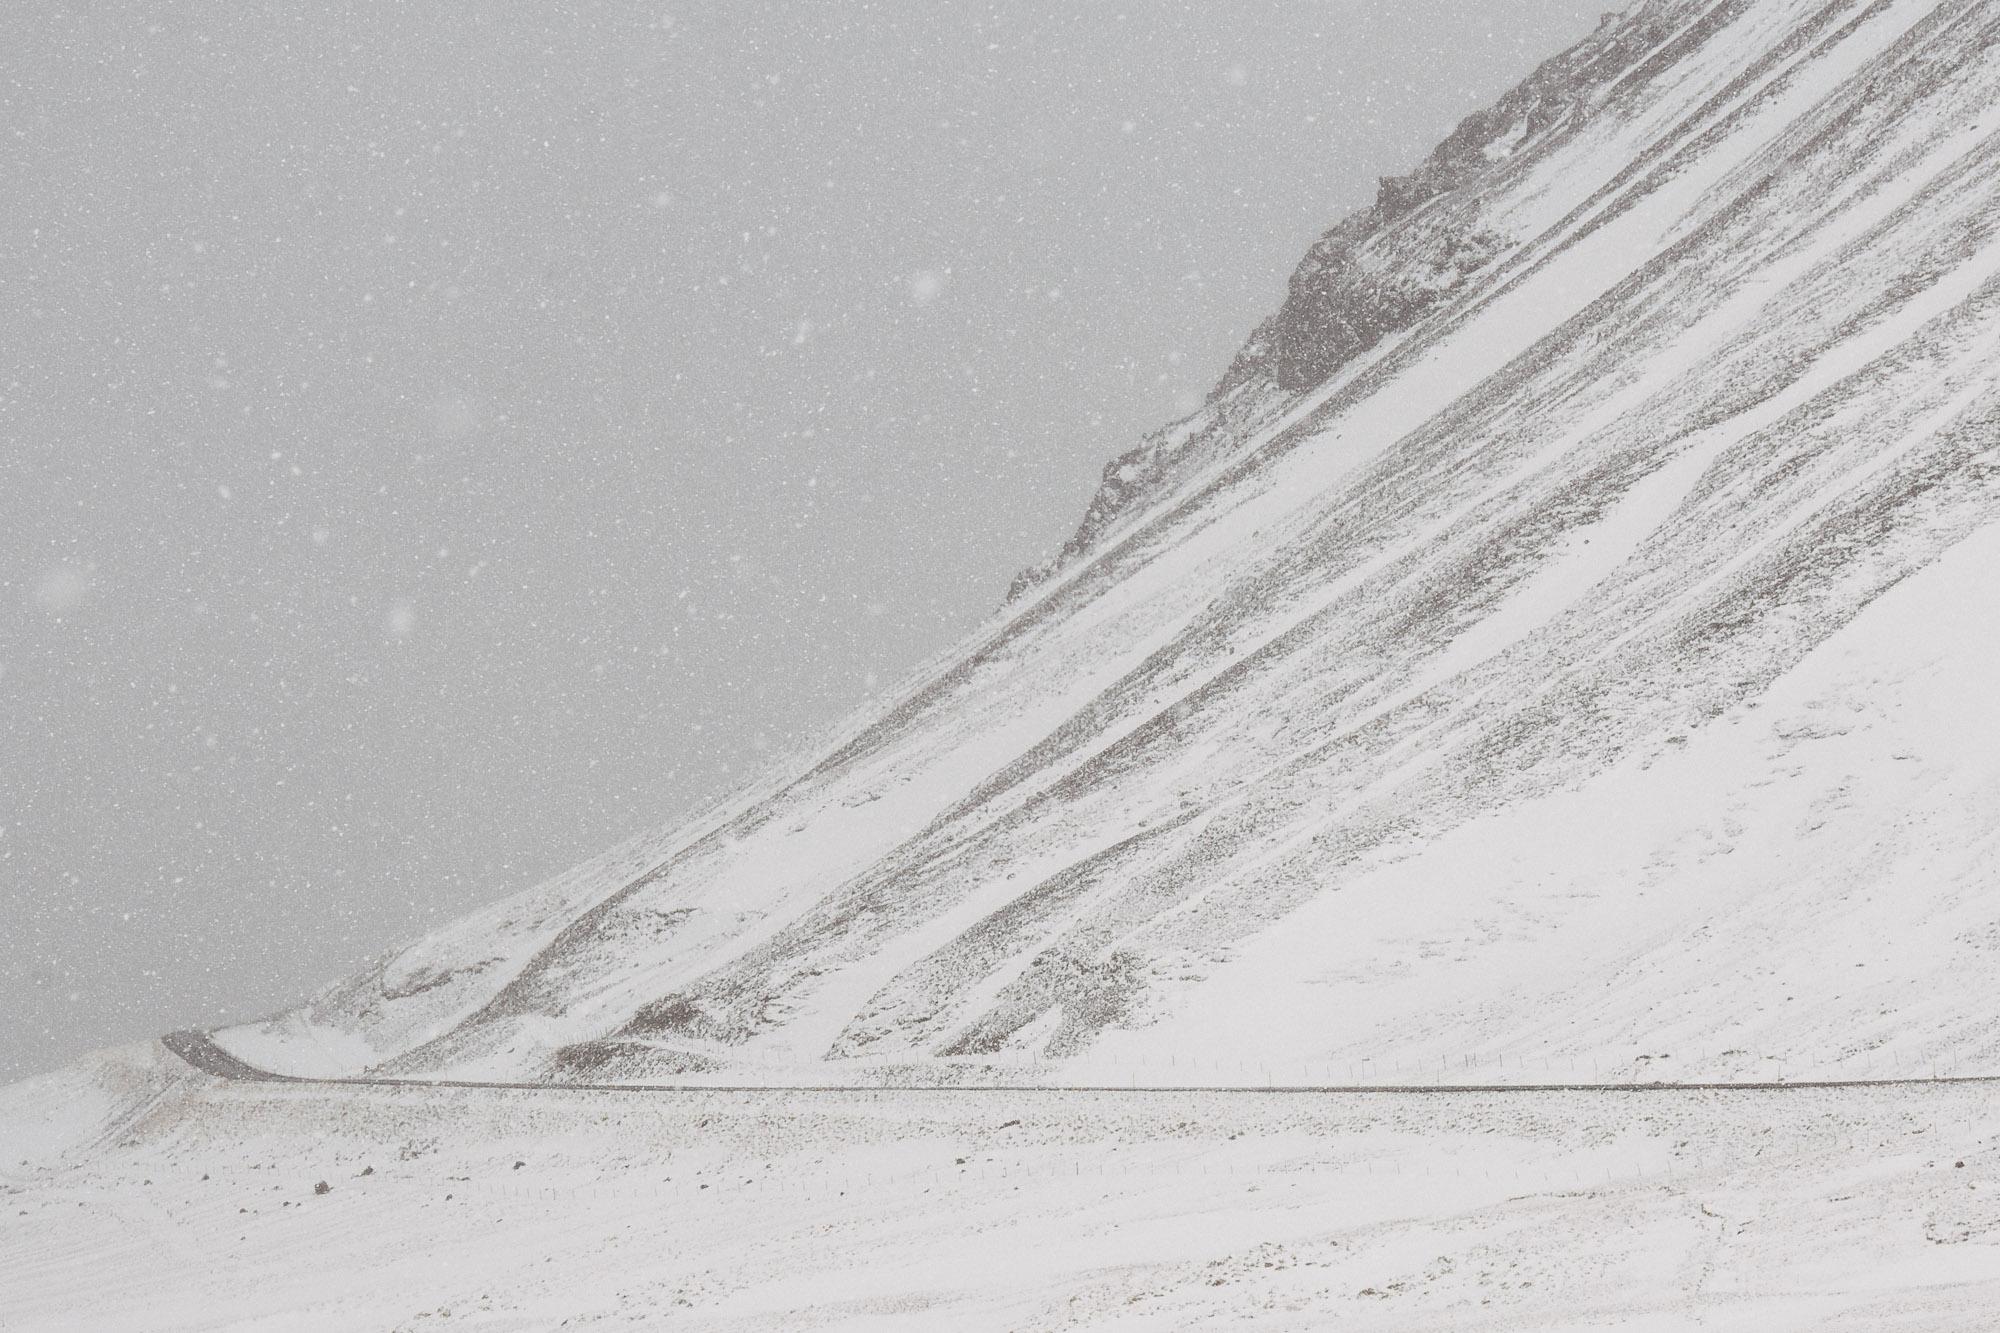 Iceland Vanishing - (c)Virginie Chabrol (9).jpg